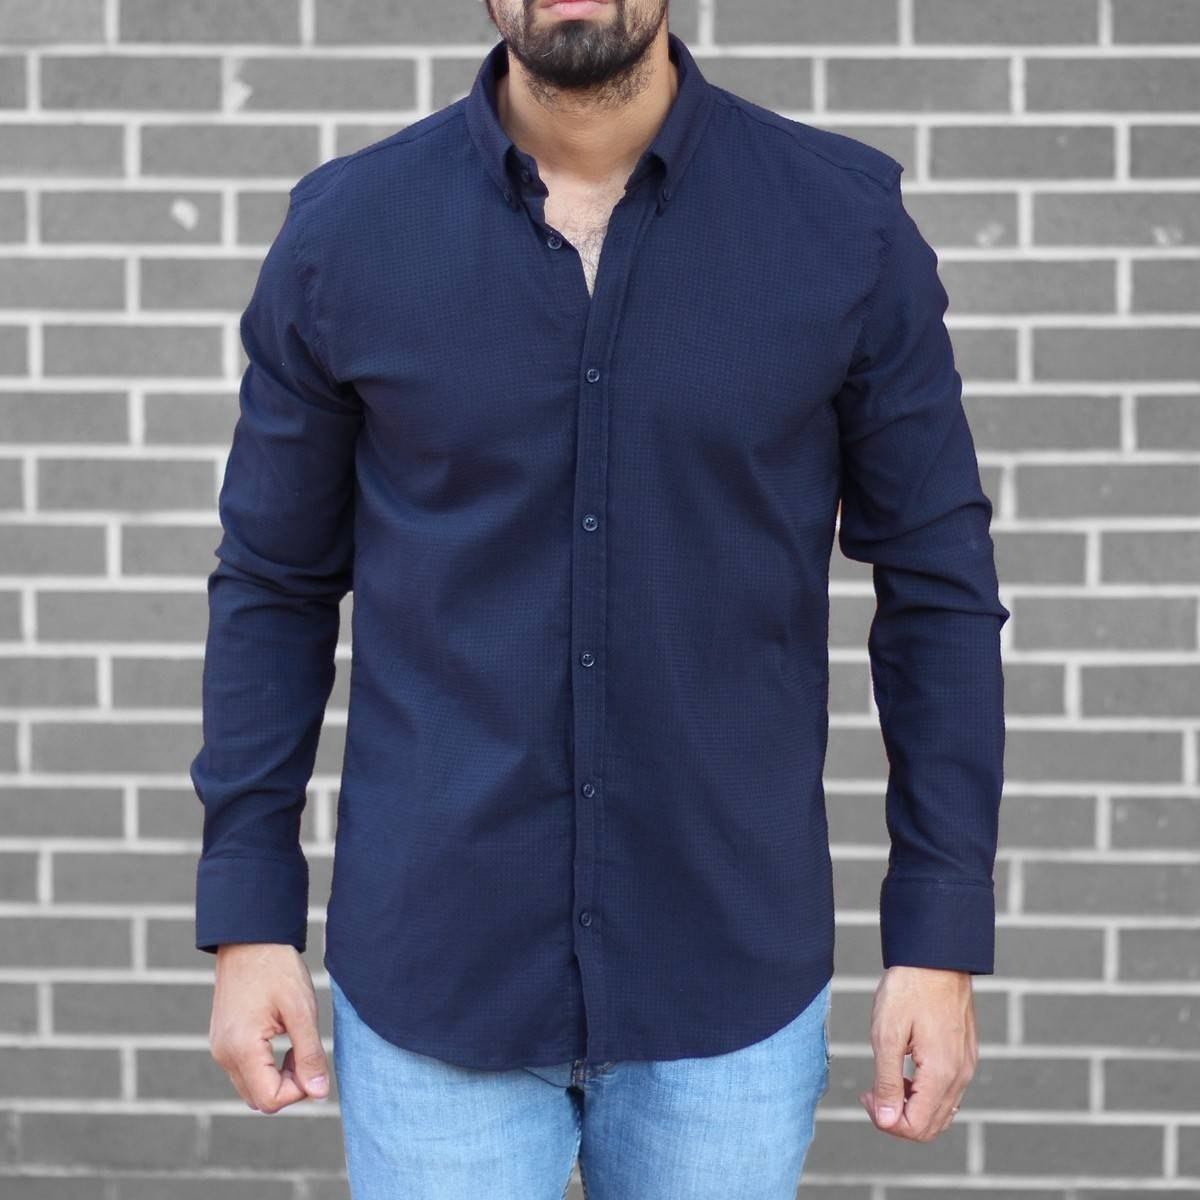 Men's Stylish Lycra Shirt In Navy Blue